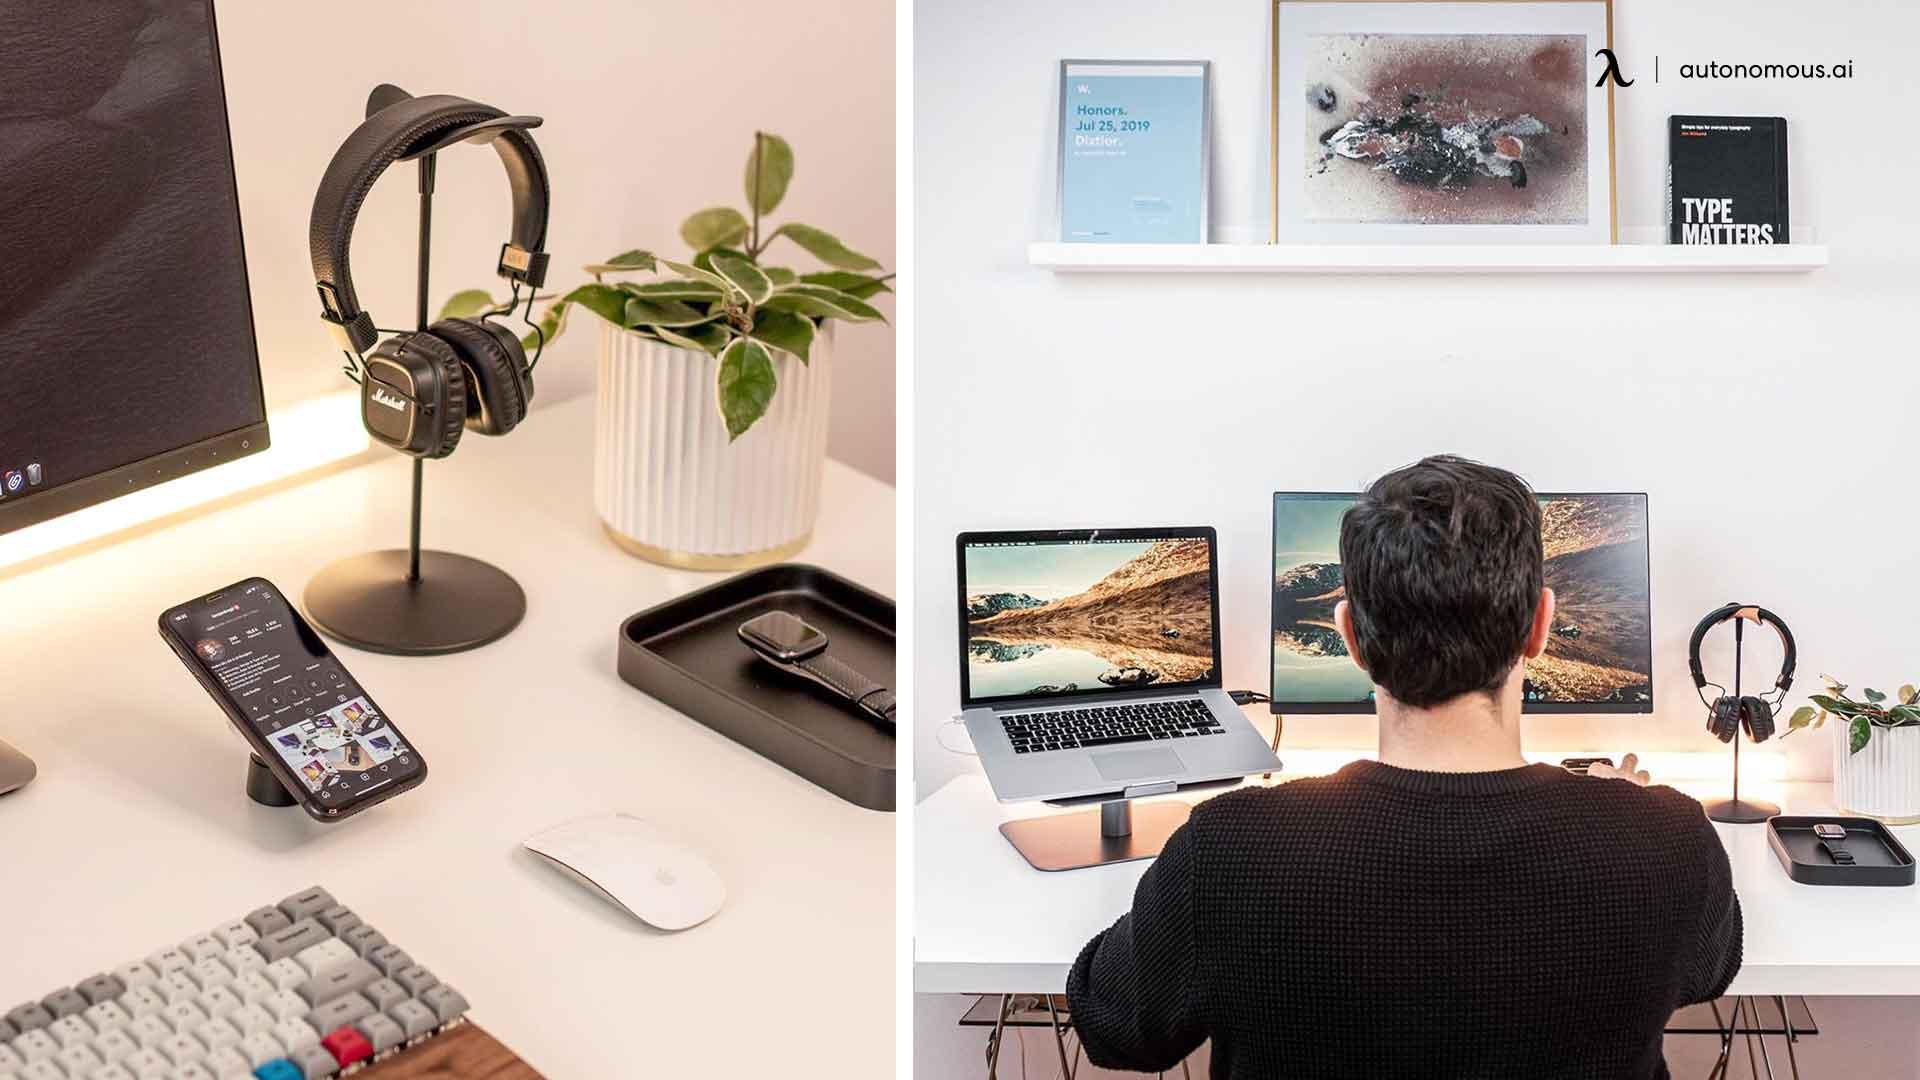 minimal desk setup - headphone